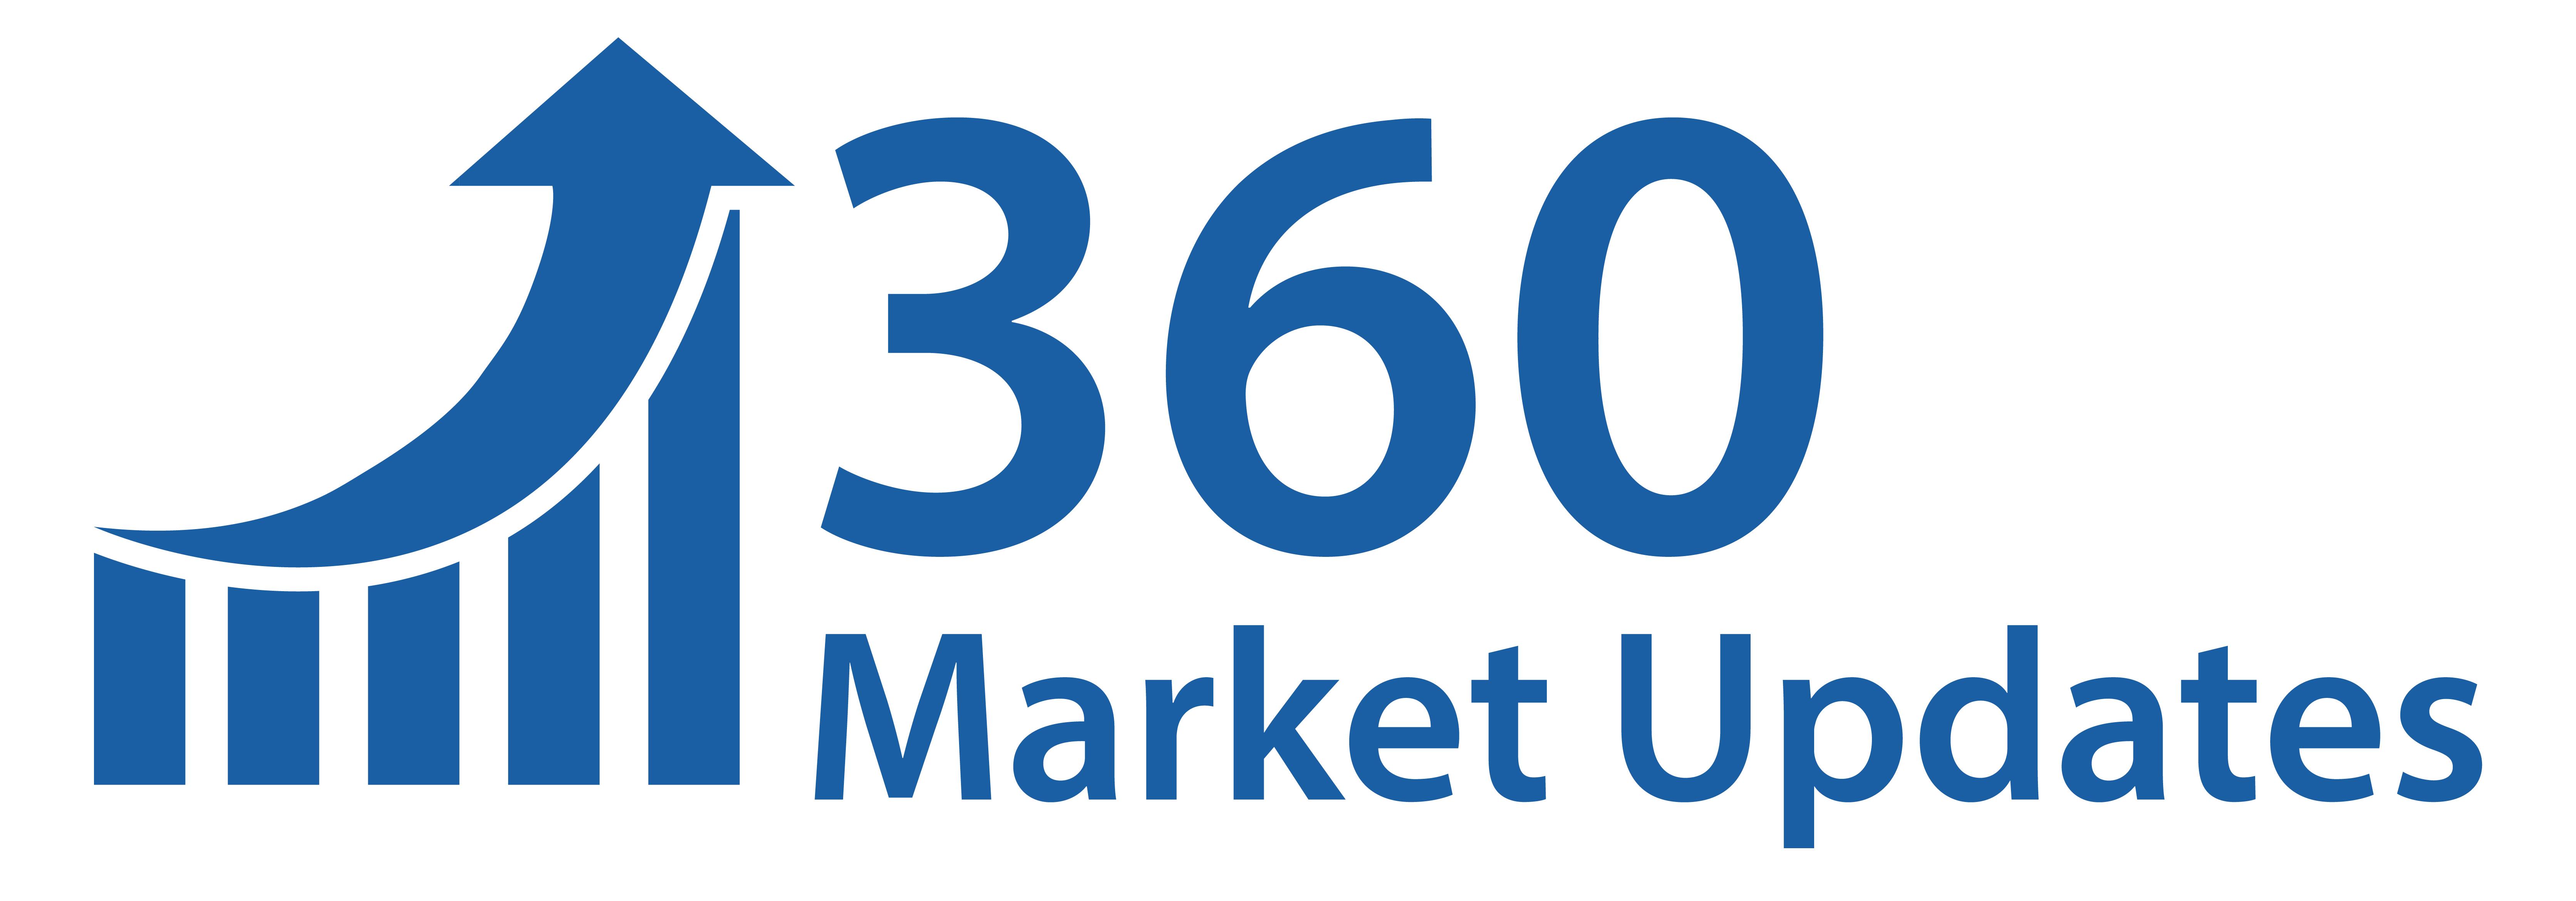 Marché de l'équipement de convertisseur catalytique automobile 2020 Part, portée, pieu, tendances, taille de l'industrie, ventes et chiffre d'affaires, croissance, opportunités et demande avec le rapport de recherche sur le paysage et l'analyse concurrentiels (en anglais seulement) 360 Mises à jour du marché